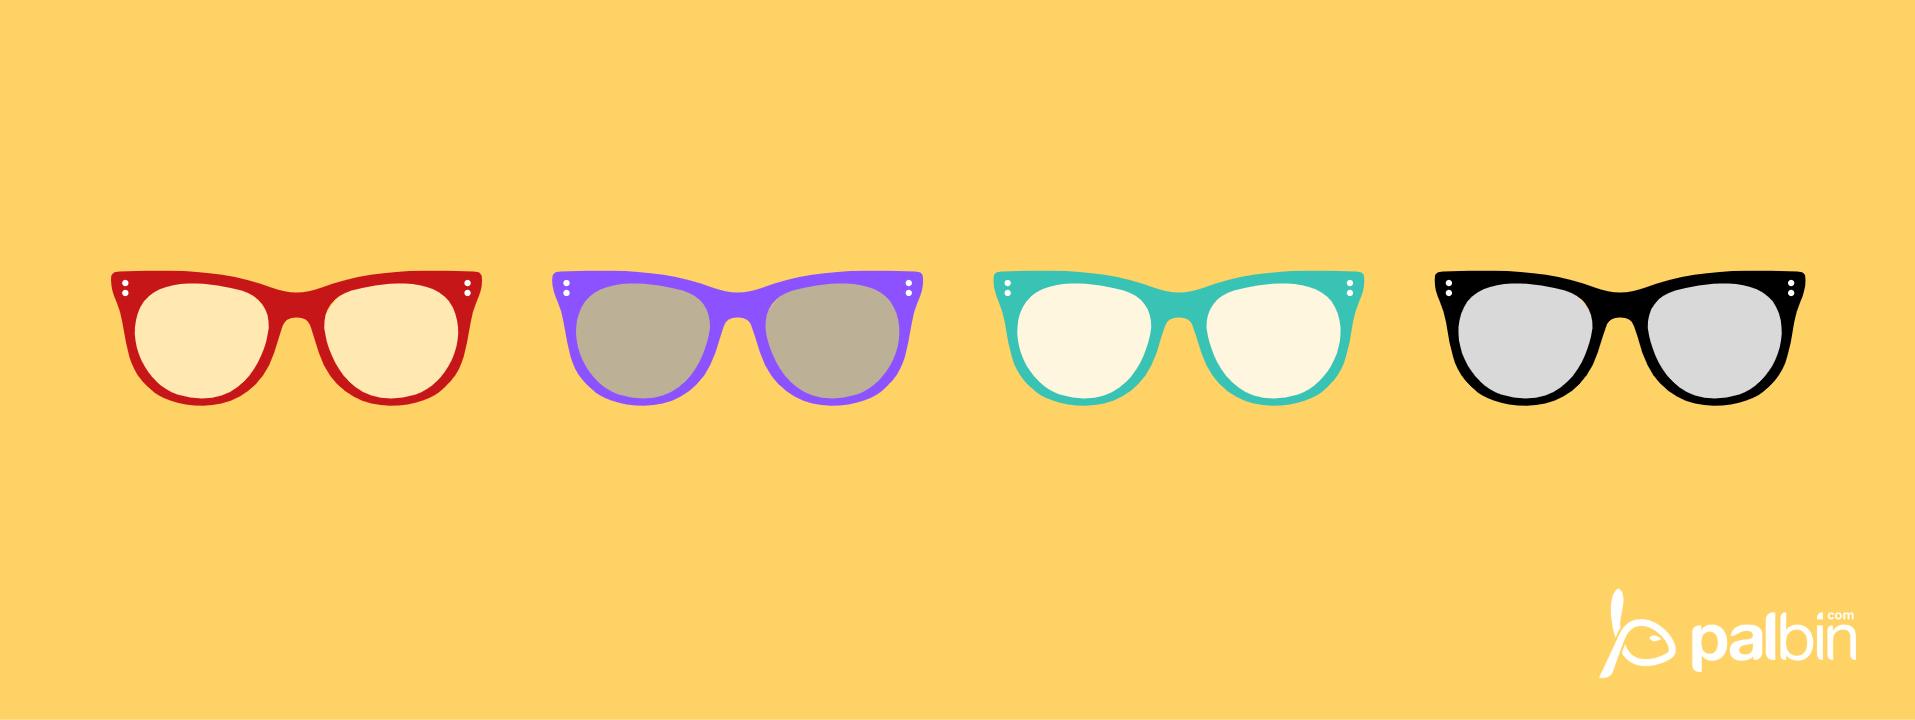 ¿Dónde es más fácil crear un producto? Palbin vs Prestahop